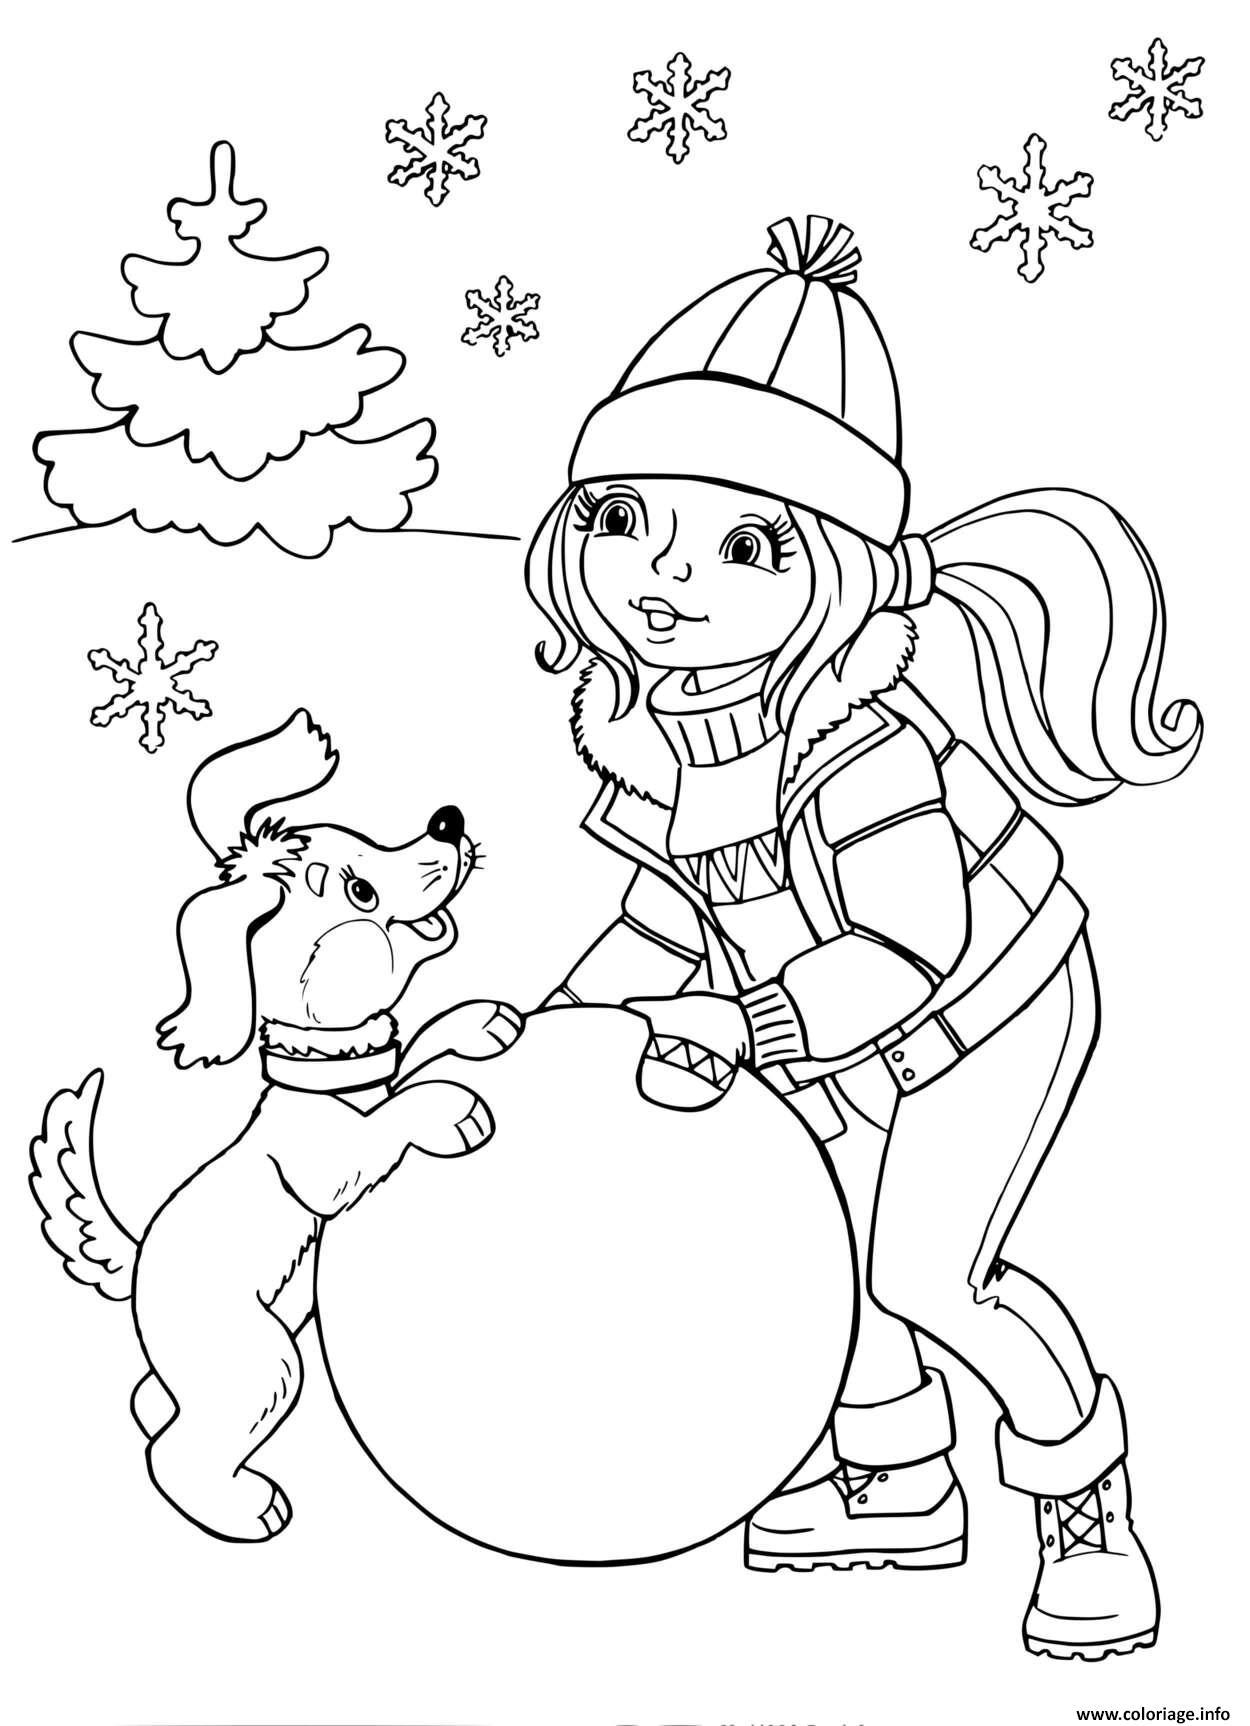 Dessin Fille avec un chiot sculpte un grand globe de neige Coloriage Gratuit à Imprimer